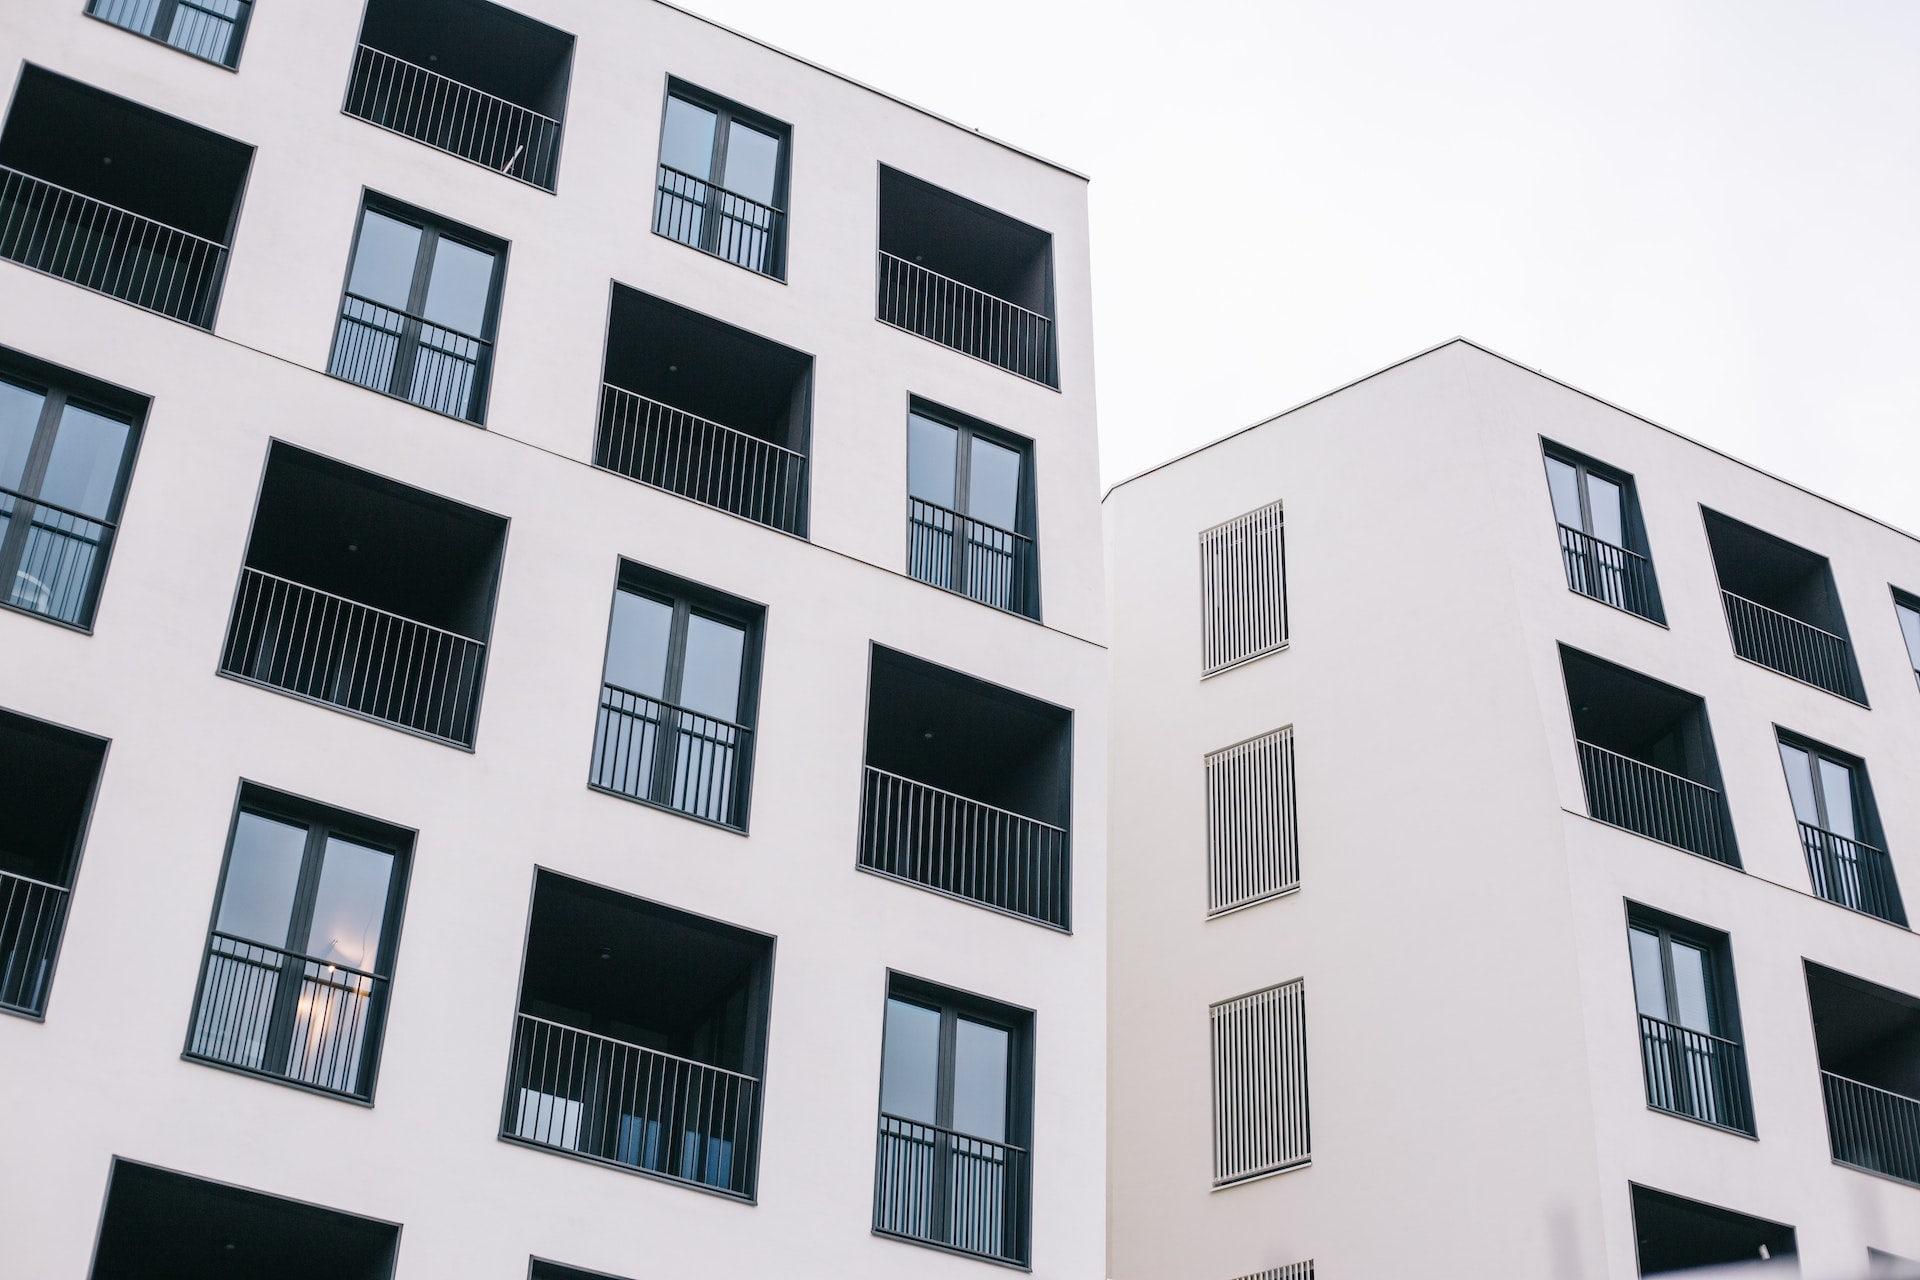 The exterior of a white condominium building